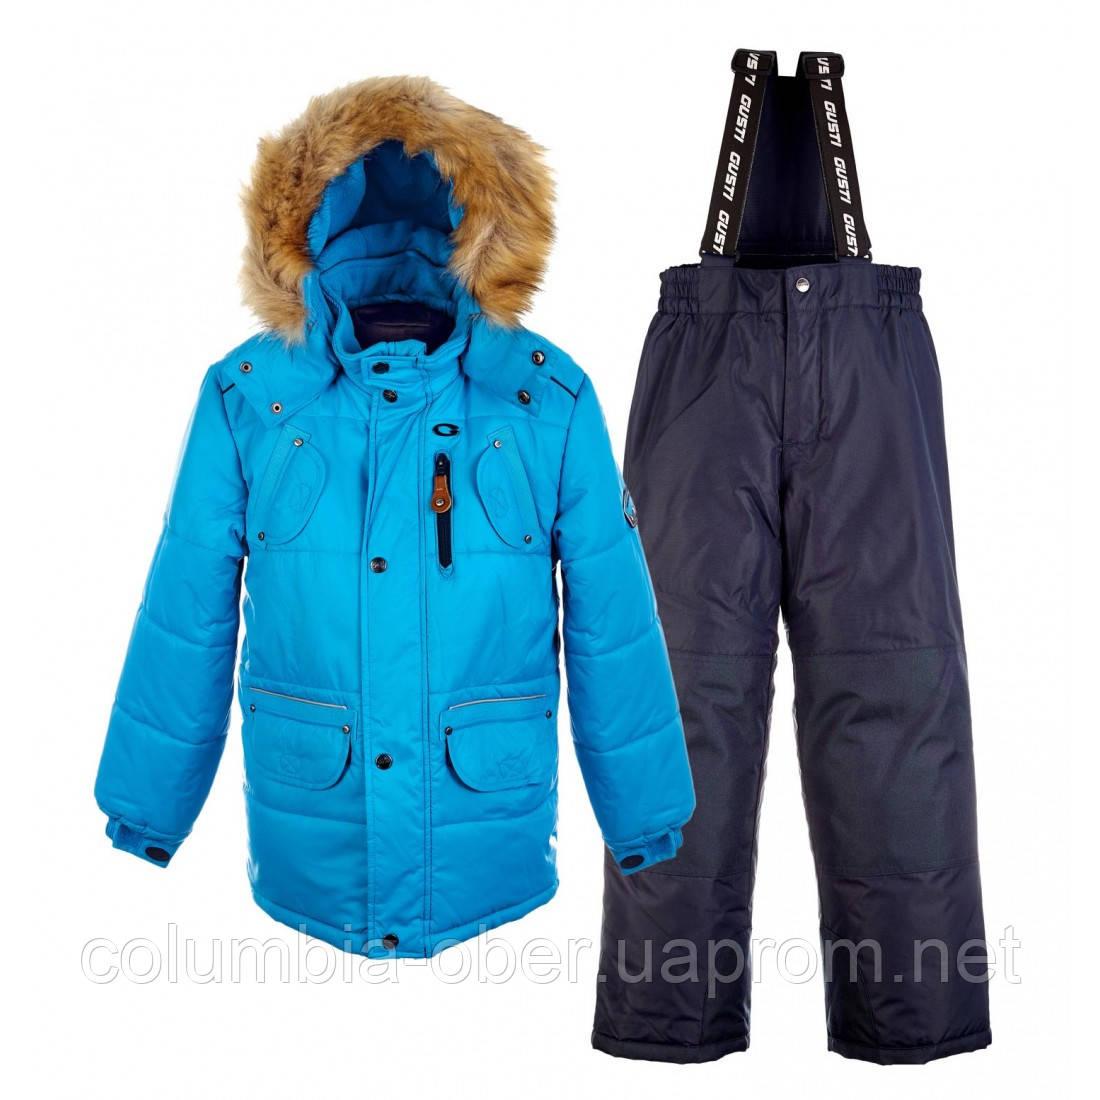 Зимний костюм для мальчиков с аксессуарами Gusti Boutique GWB 4608. Размеры 98 и 140.